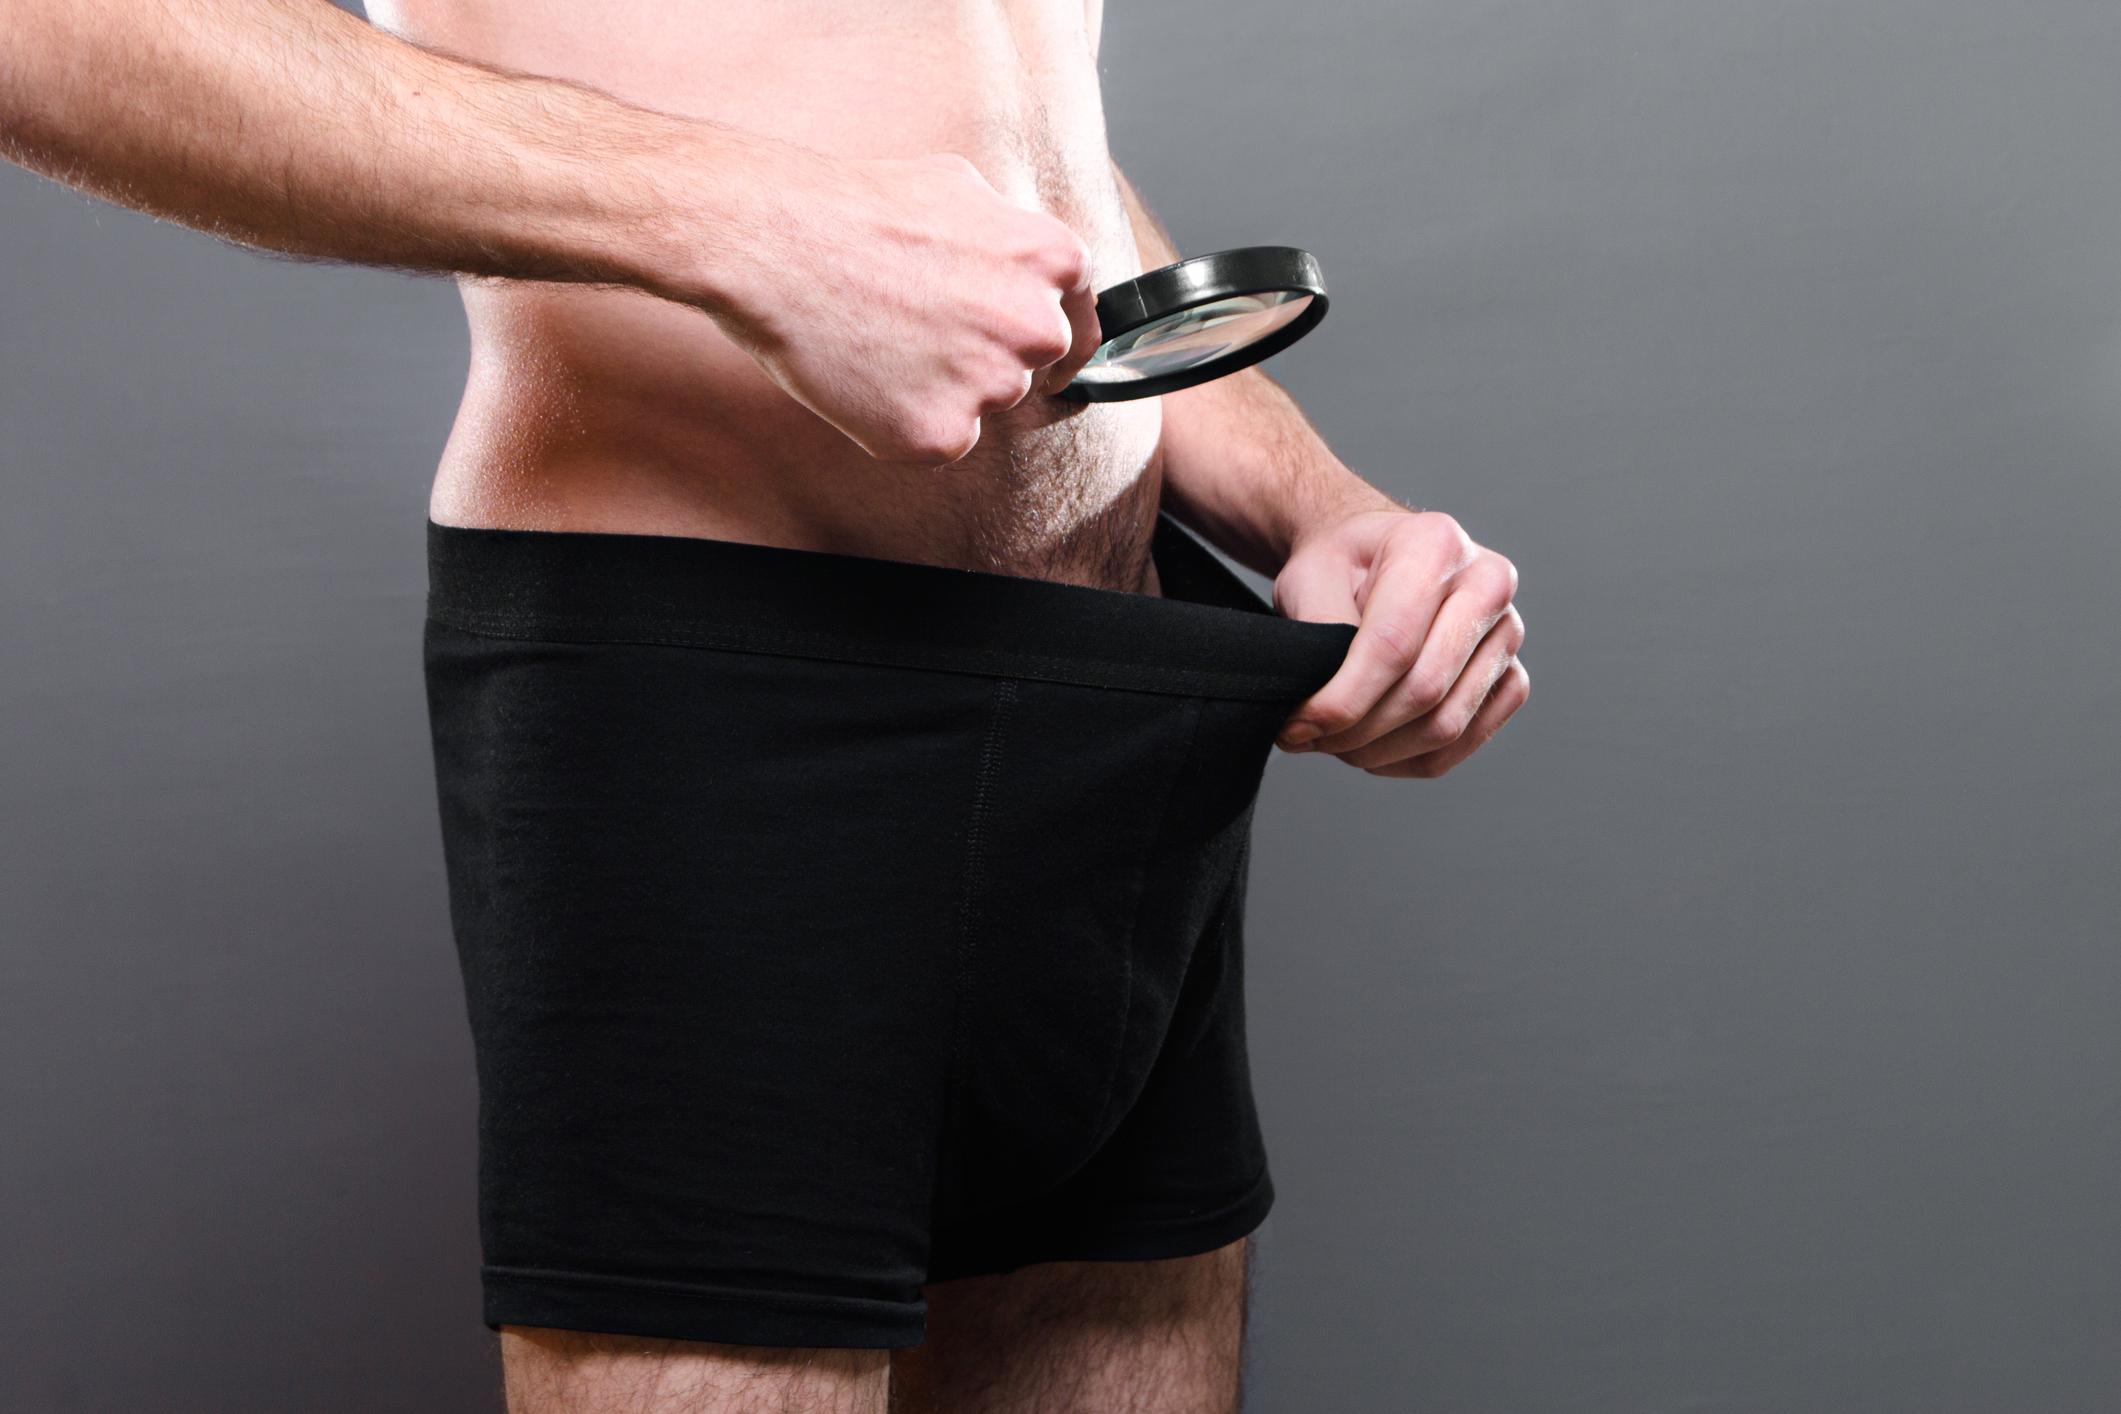 mi lehet egy nagyon kicsi pénisz